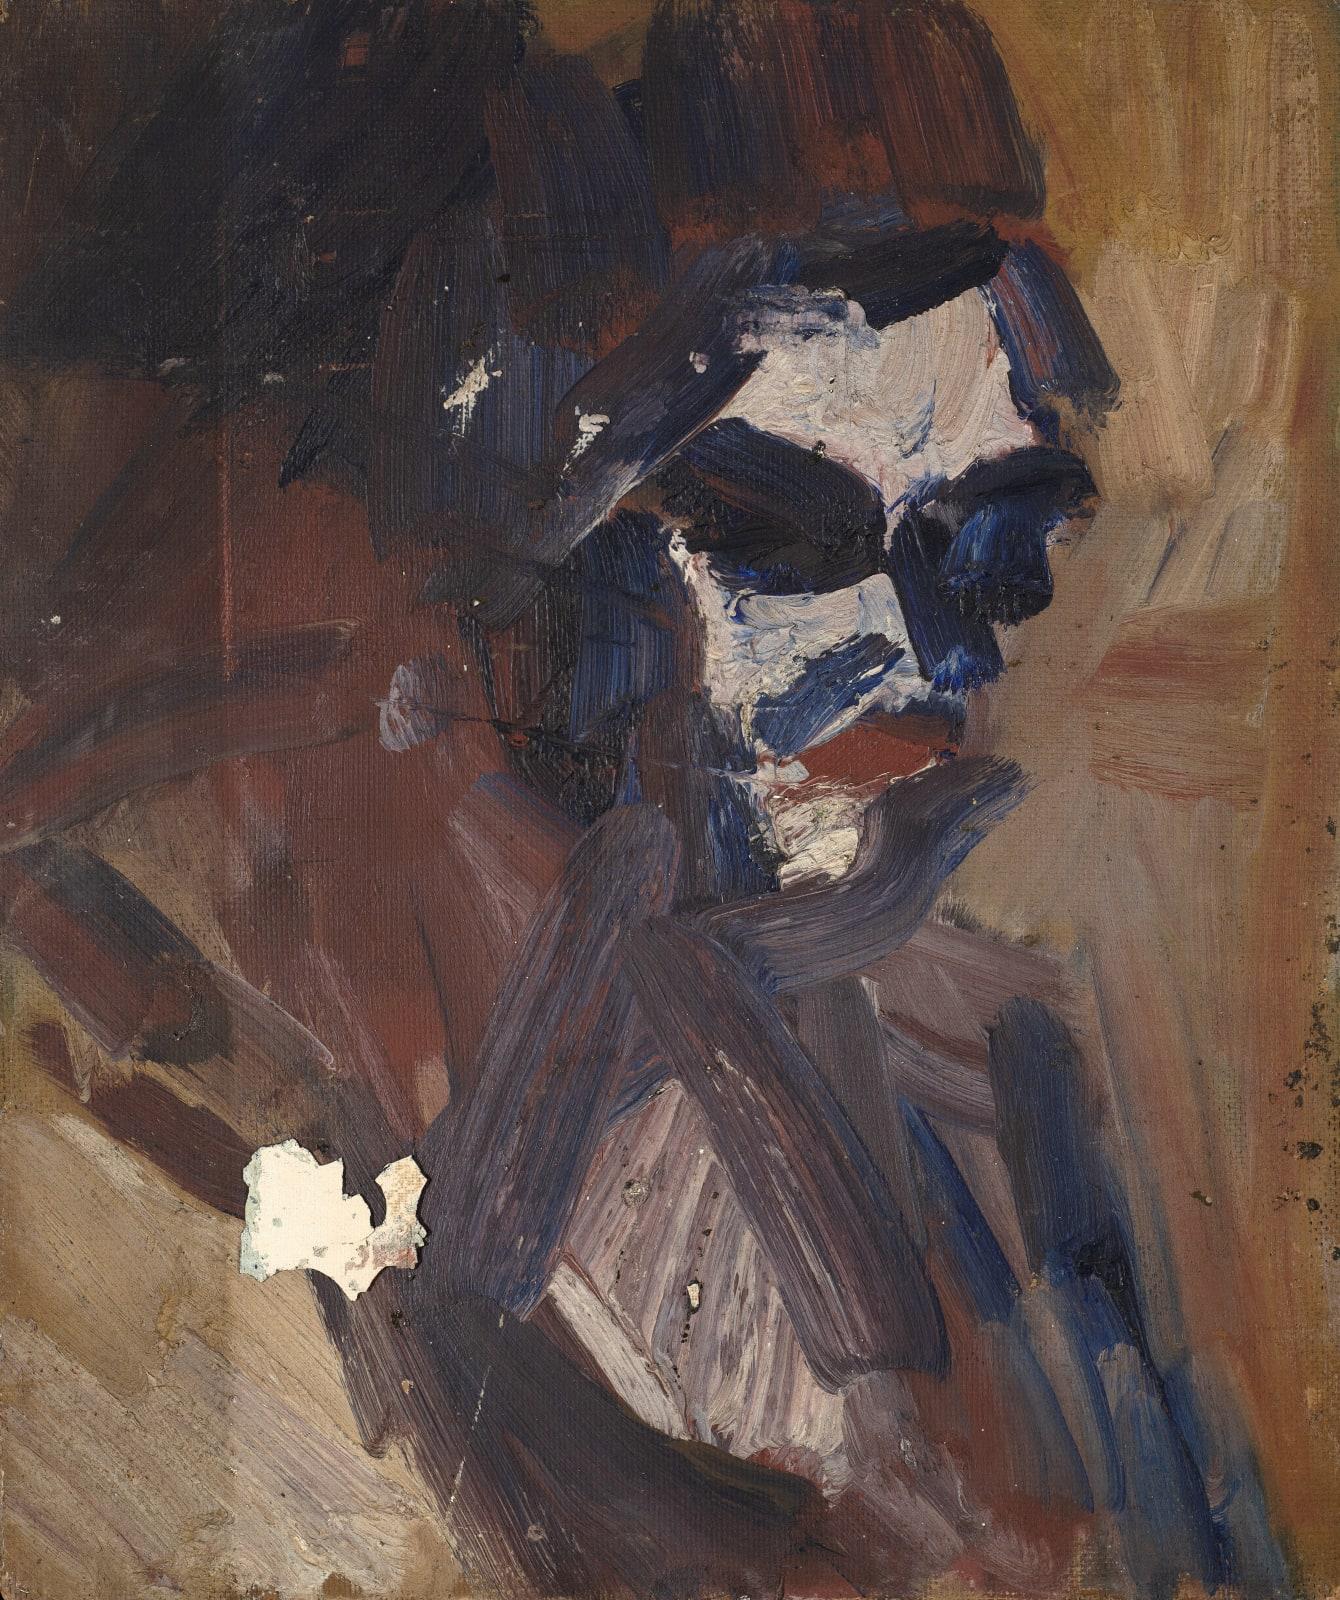 Gustav Metzger Head, c. 1950-53, Oil on board 26 x 17cm. The Gustav Metzger Foundation